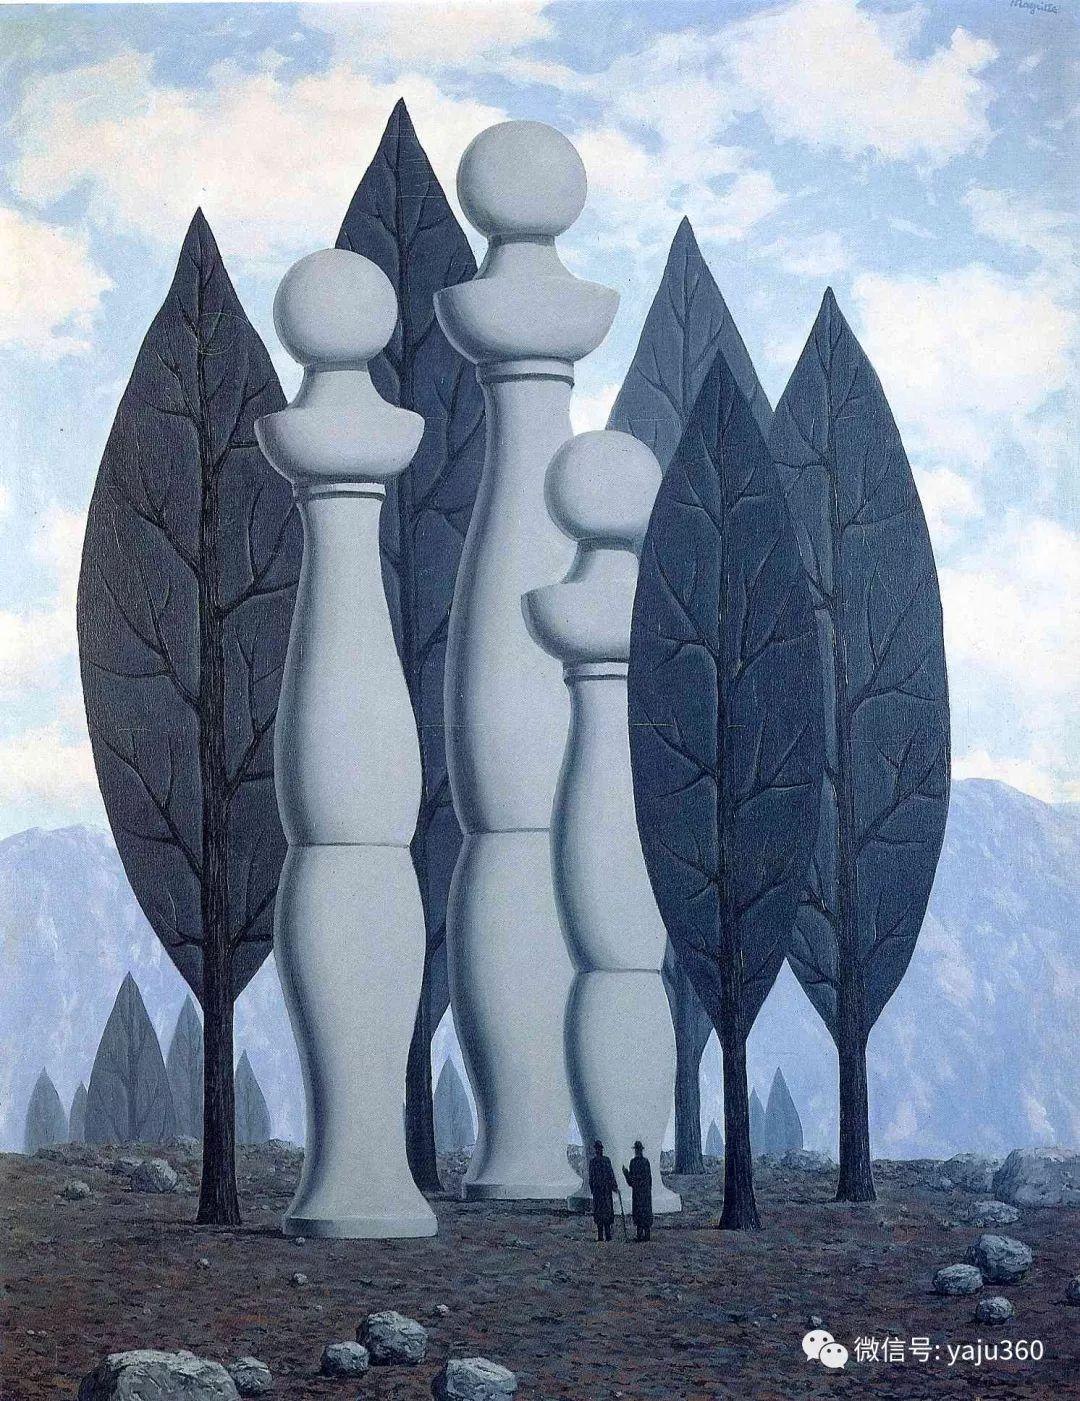 超现实主义 比利时画家Rene Magritte插图77